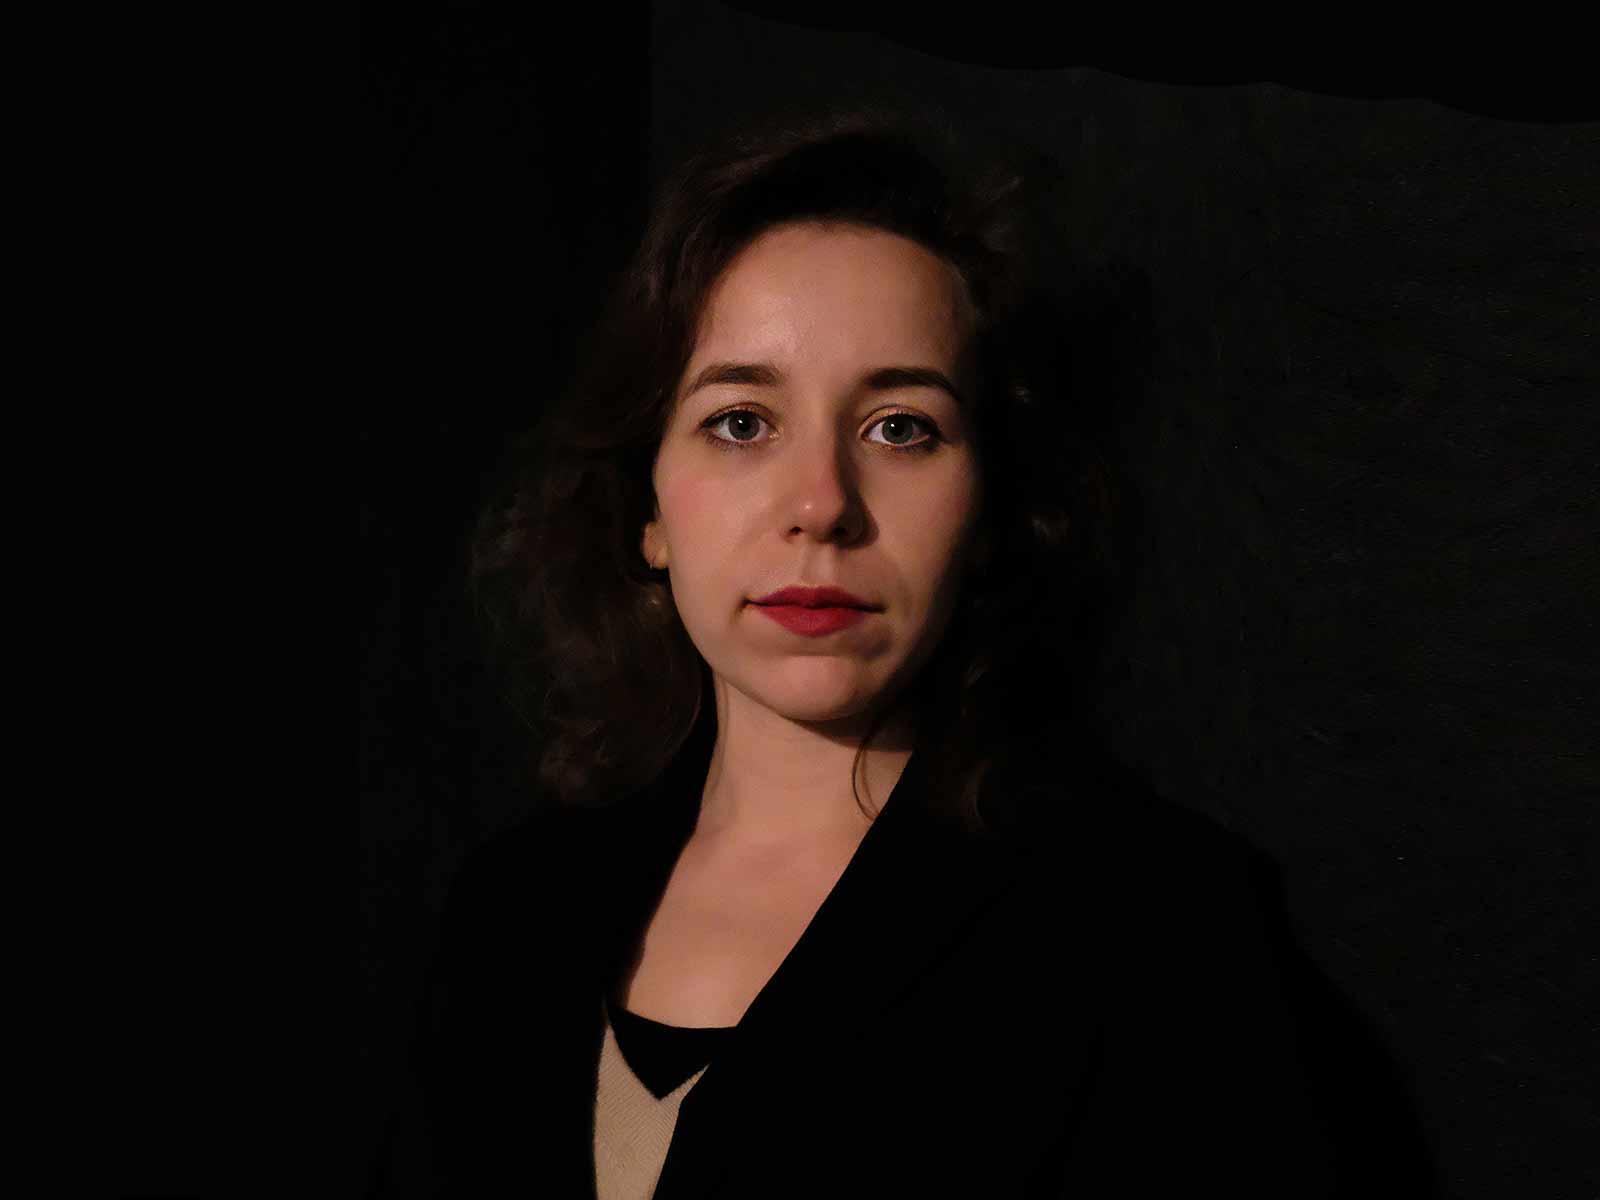 Мария Гельфанд, практикующий архитектор с опытом работы более 10 лет. Создатель проекта «Soviet Textures».